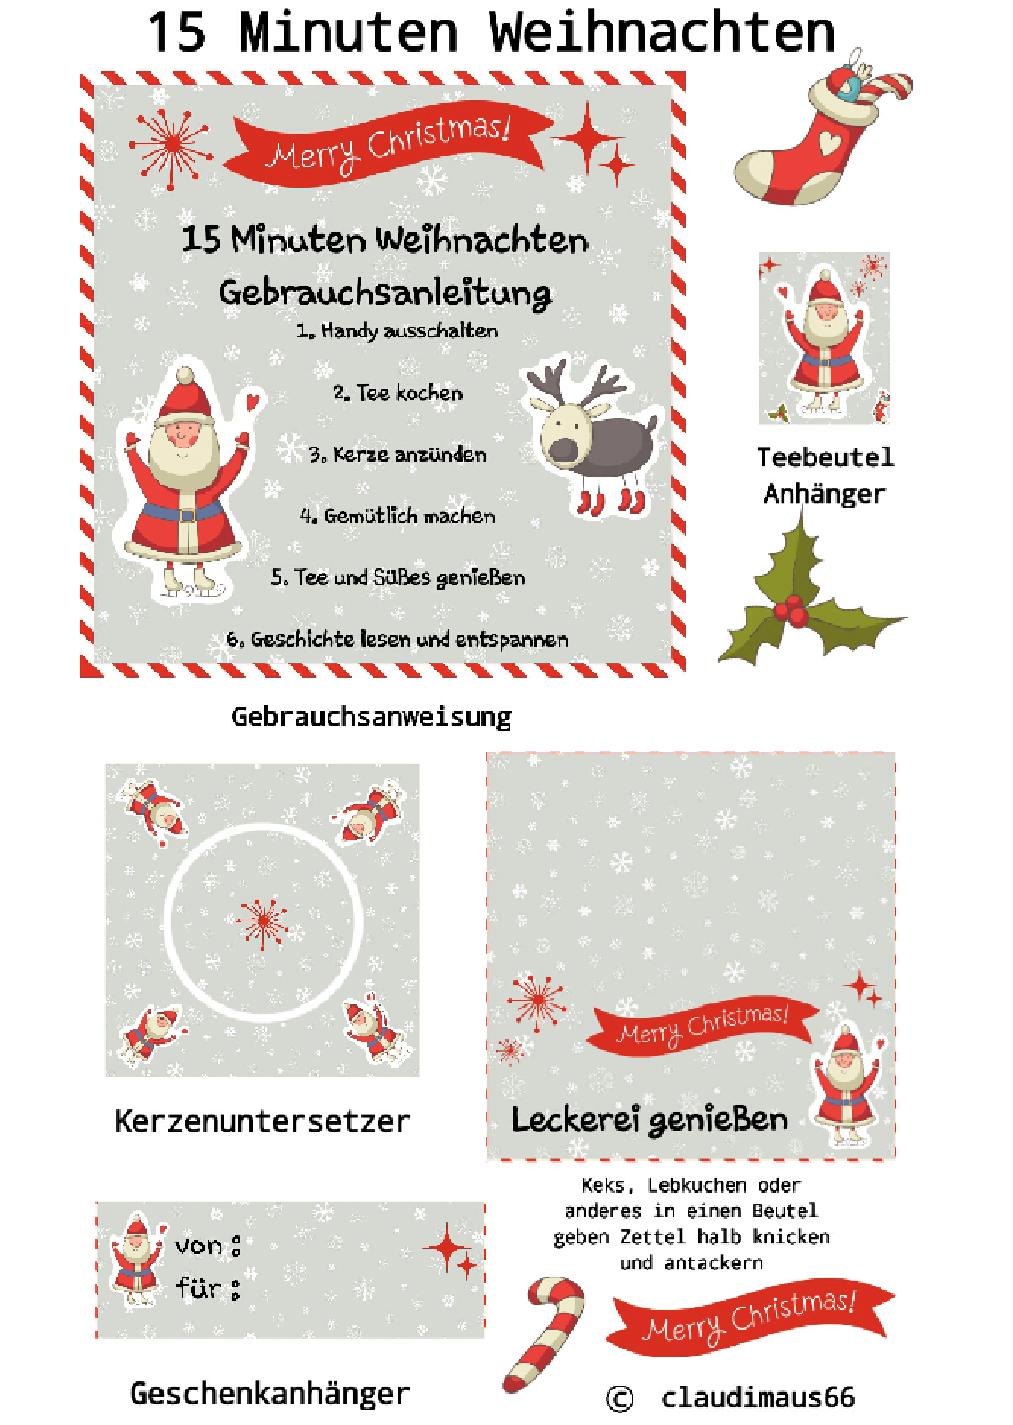 15 Minuten Weihnachten Anleitung.15 Minuten Weihnachten Eine Der Nettesten Weihnachts Geschenke